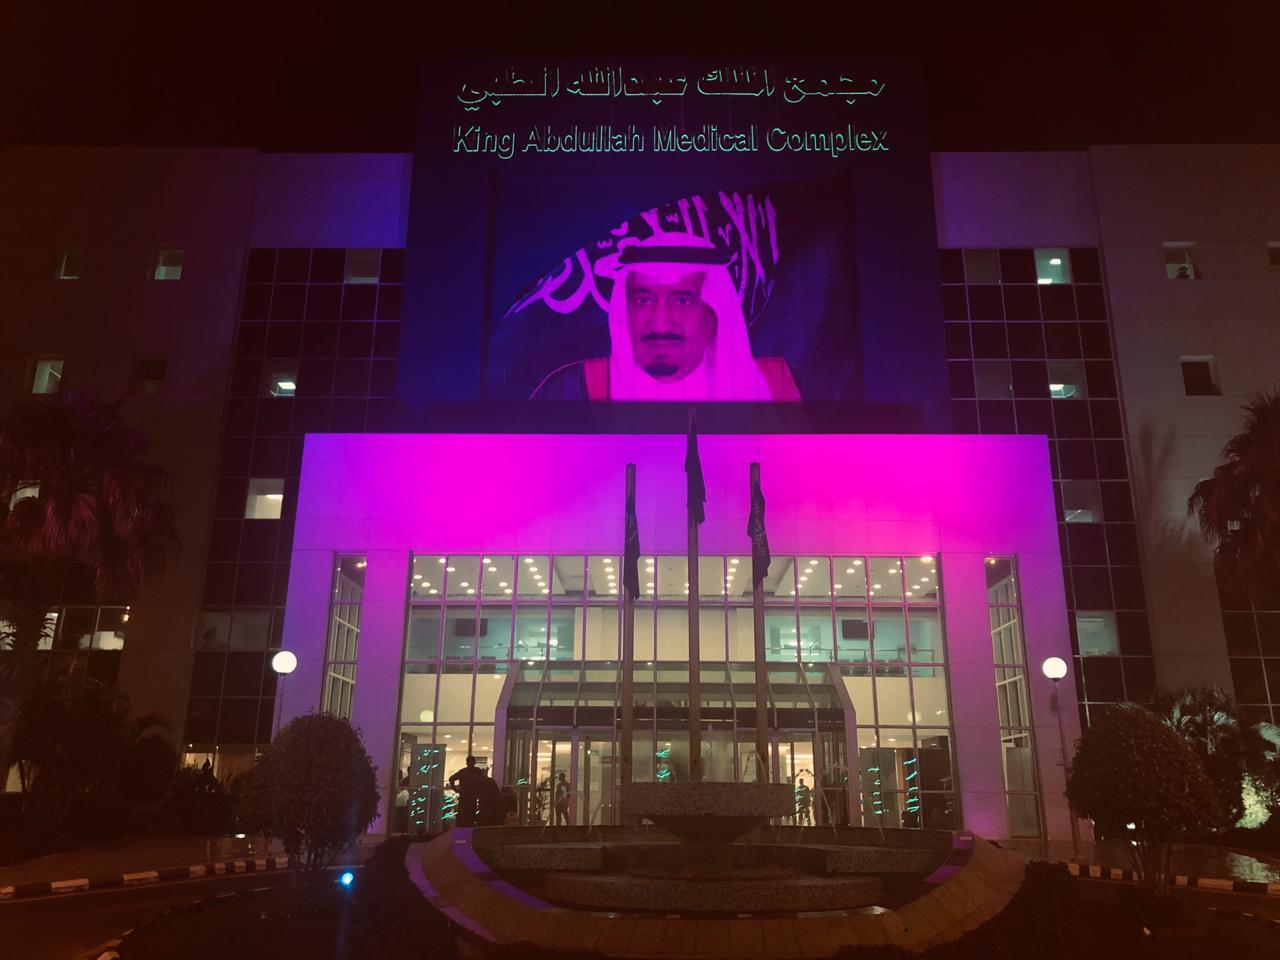 مجمع الملك عبدالله الطبي بجدة يفعل الشهر العالمي للتوعية بسرطان الثدي